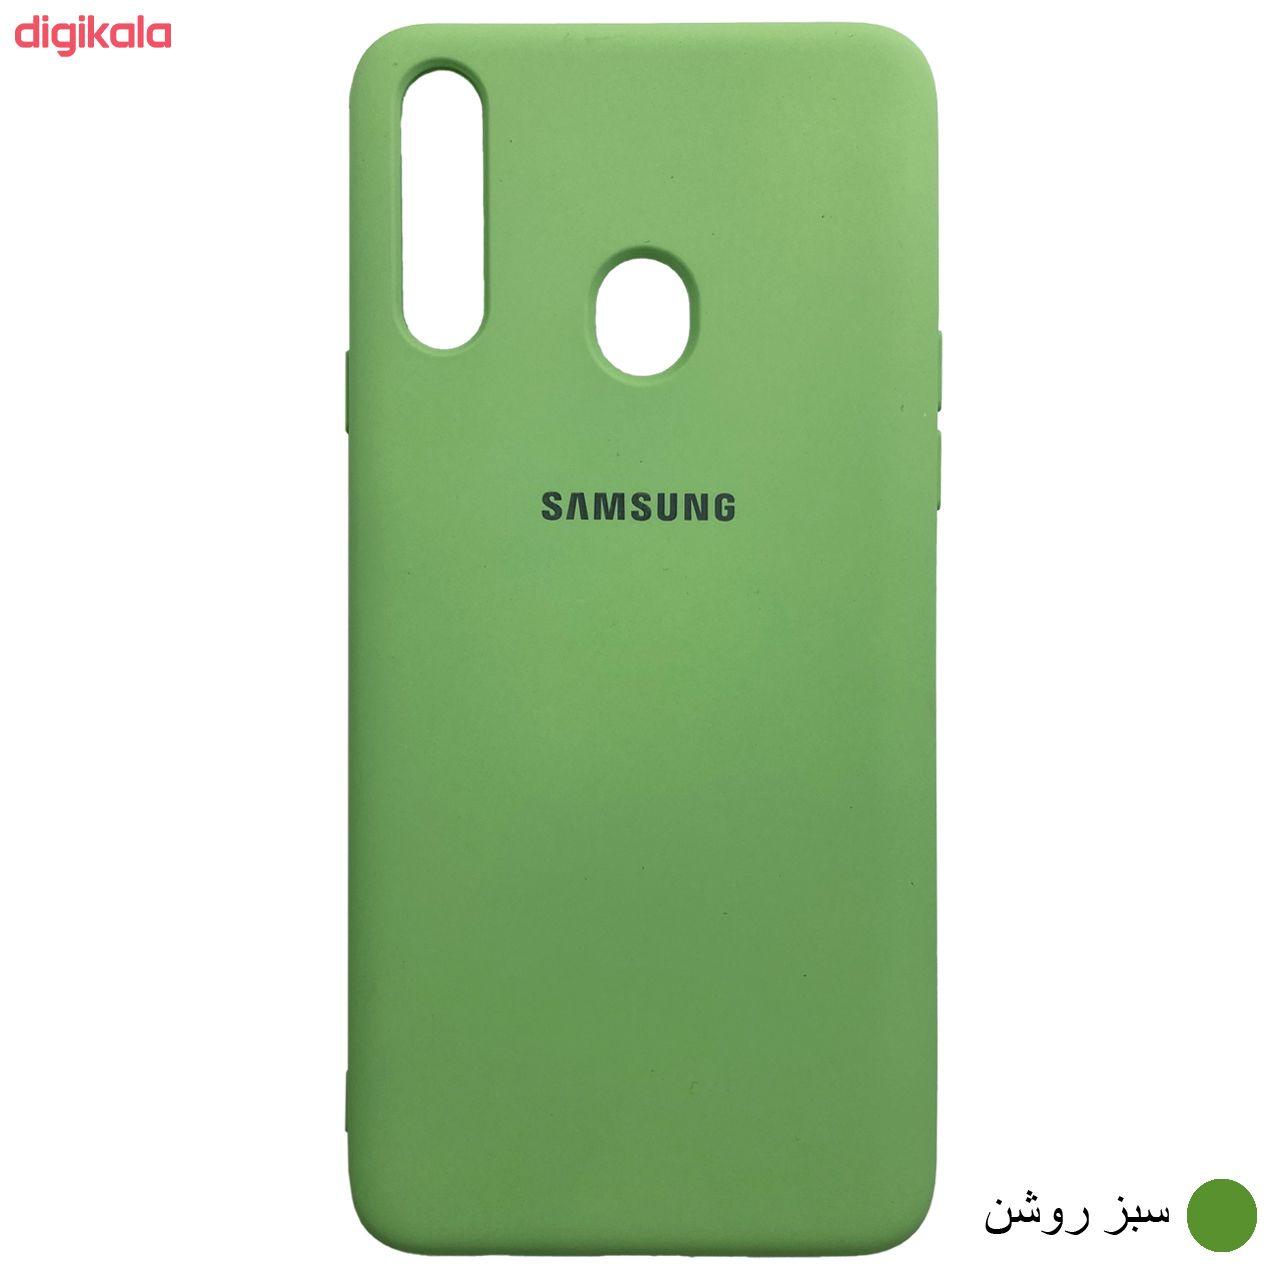 کاور مدل SCN مناسب برای گوشی موبایل سامسونگ Galaxy A20s main 1 9